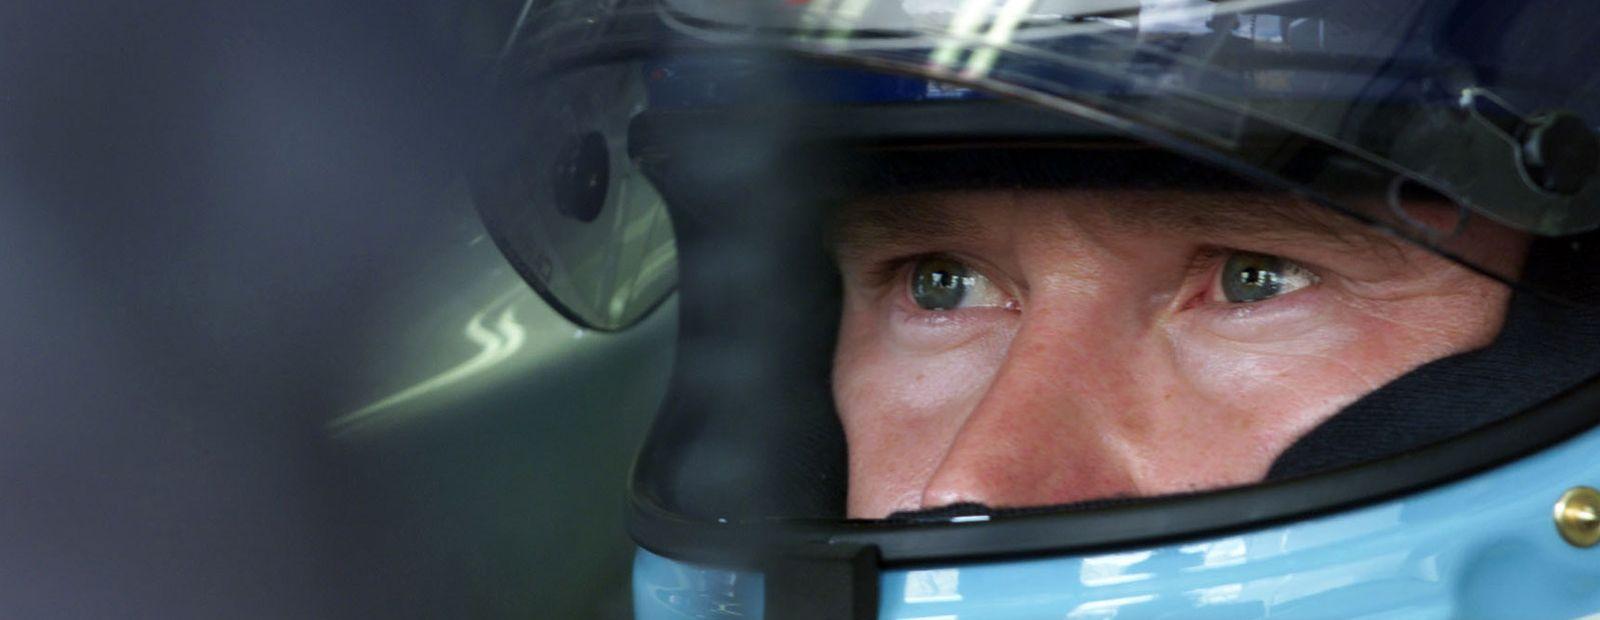 Mclaren Formula 1 Double World Champion Mika Hakkinen Rejoins Mclaren